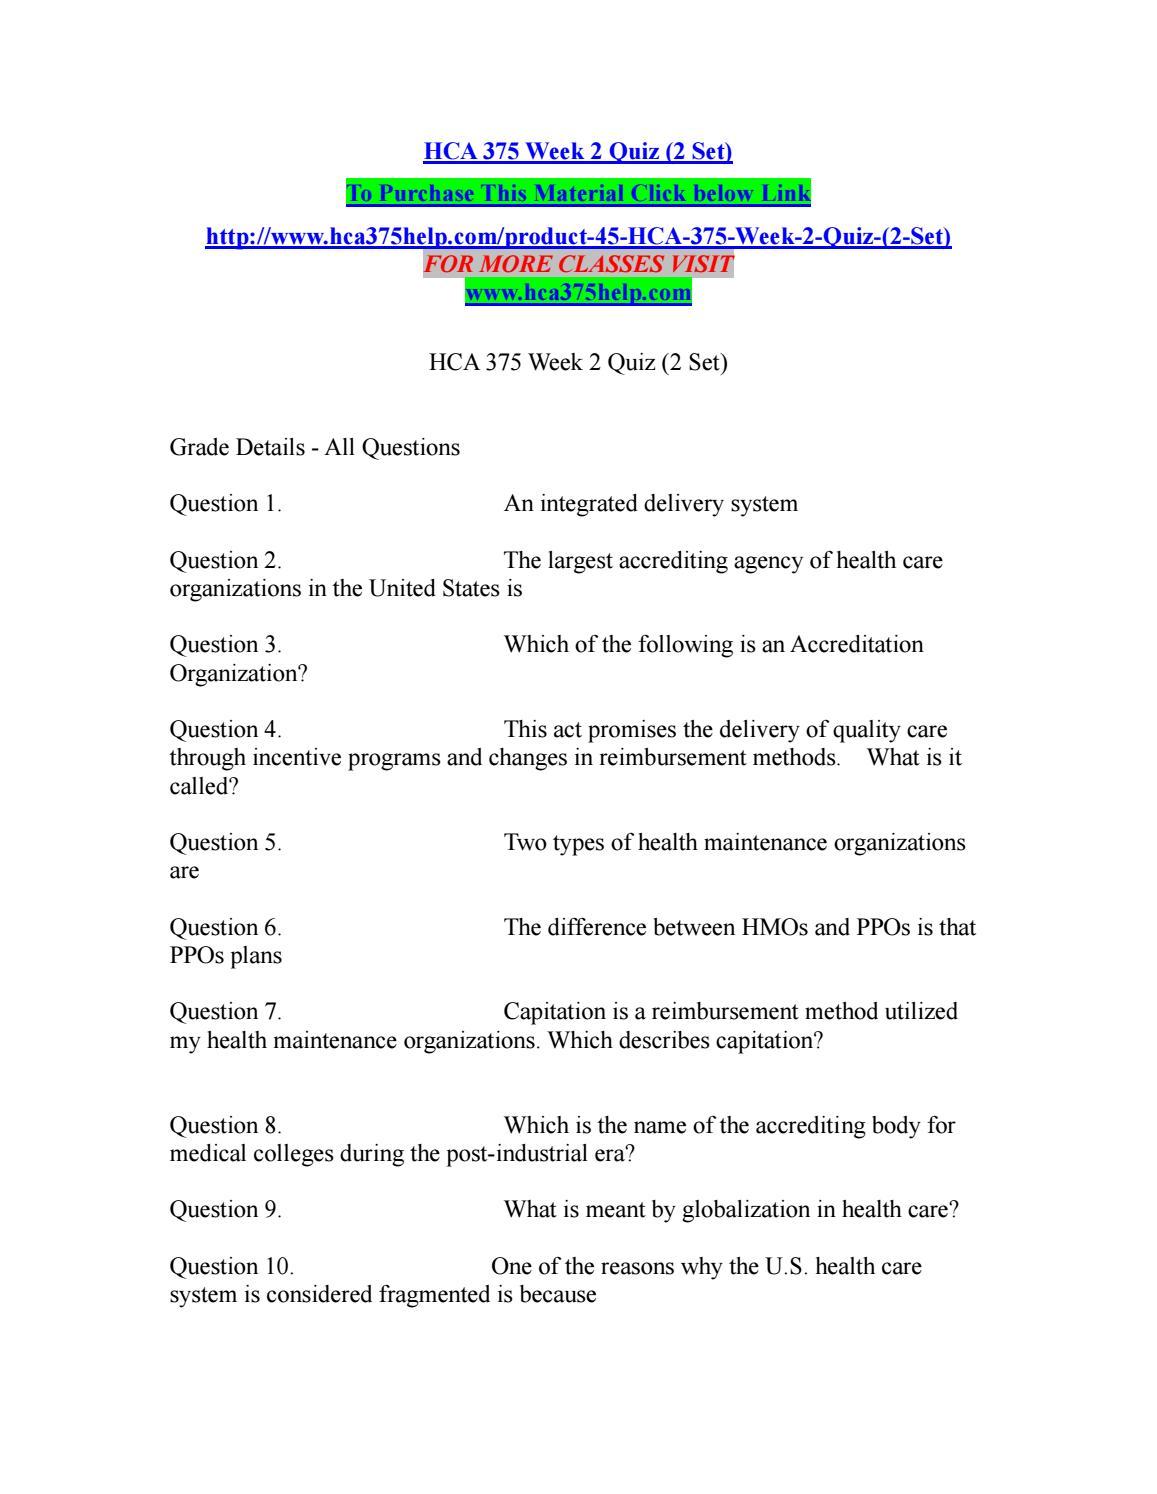 Hca 375 week 2 quiz (2 set) by kelvinmanase59 - issuu